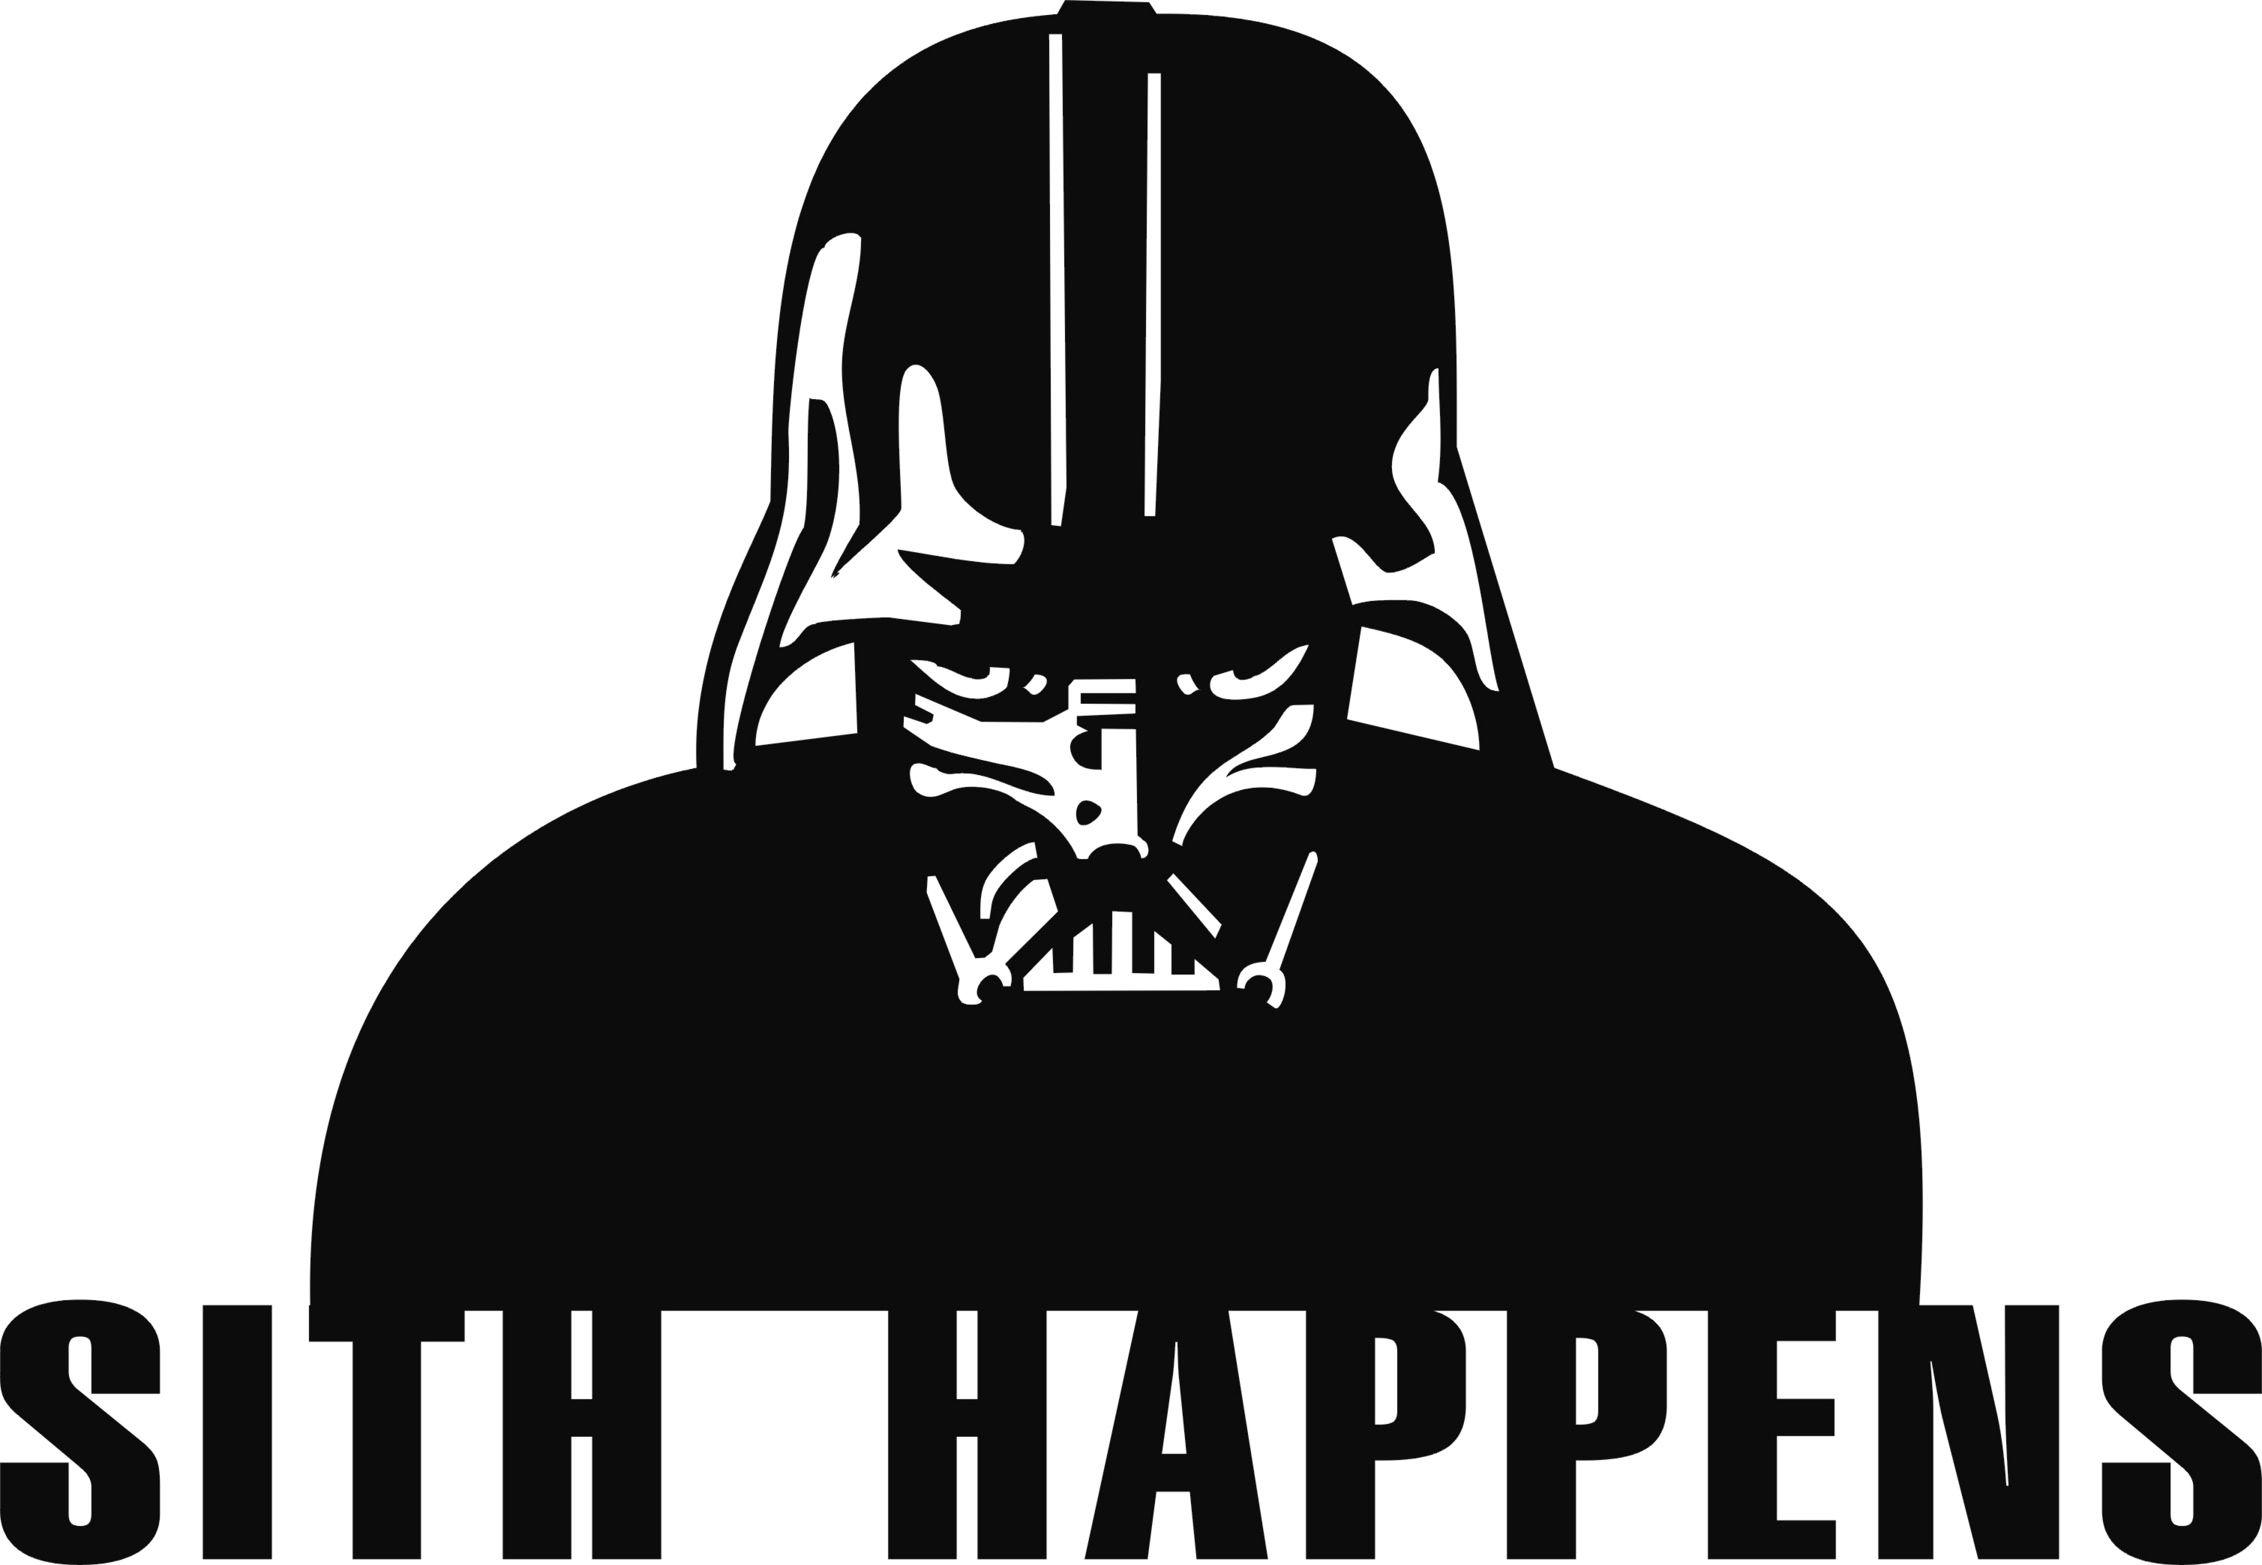 Sith happens  #starwars #darthvader